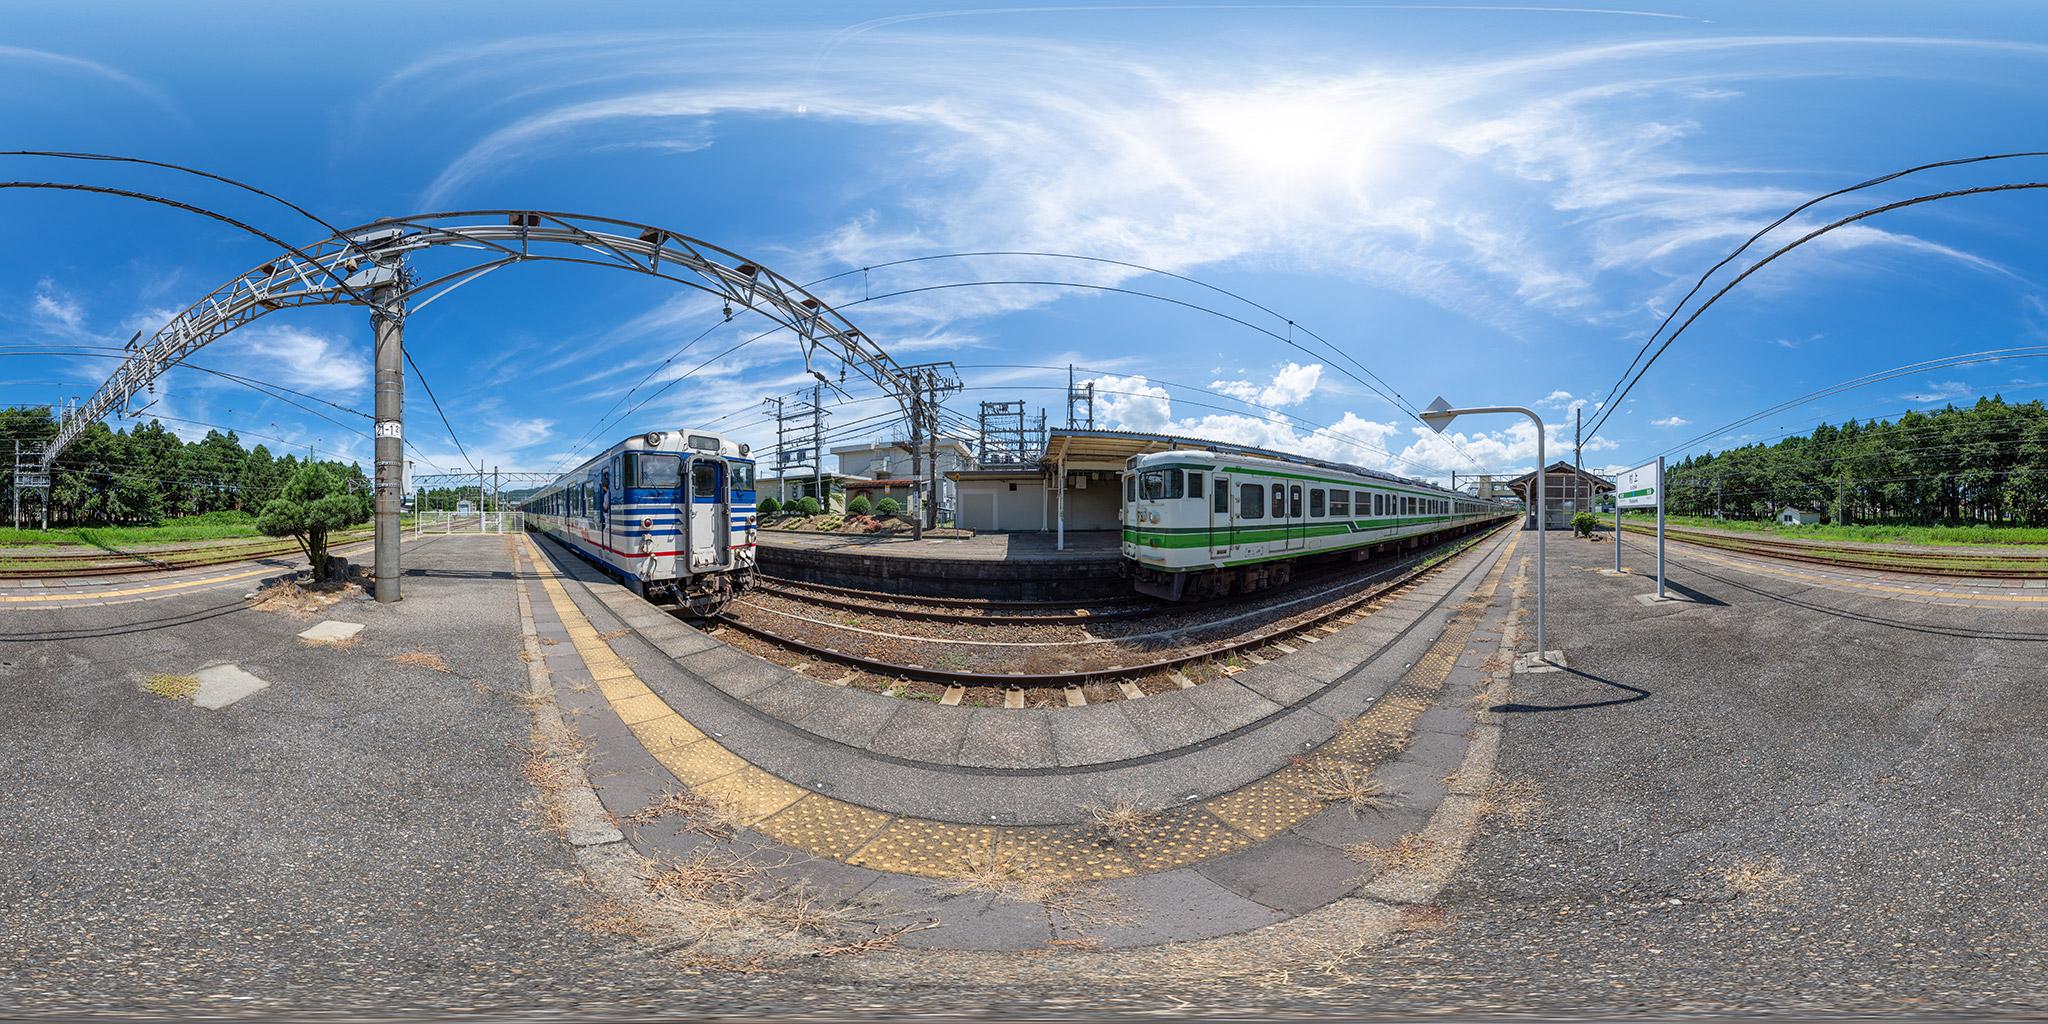 羽越本線村上駅にて、115系とキハ40系